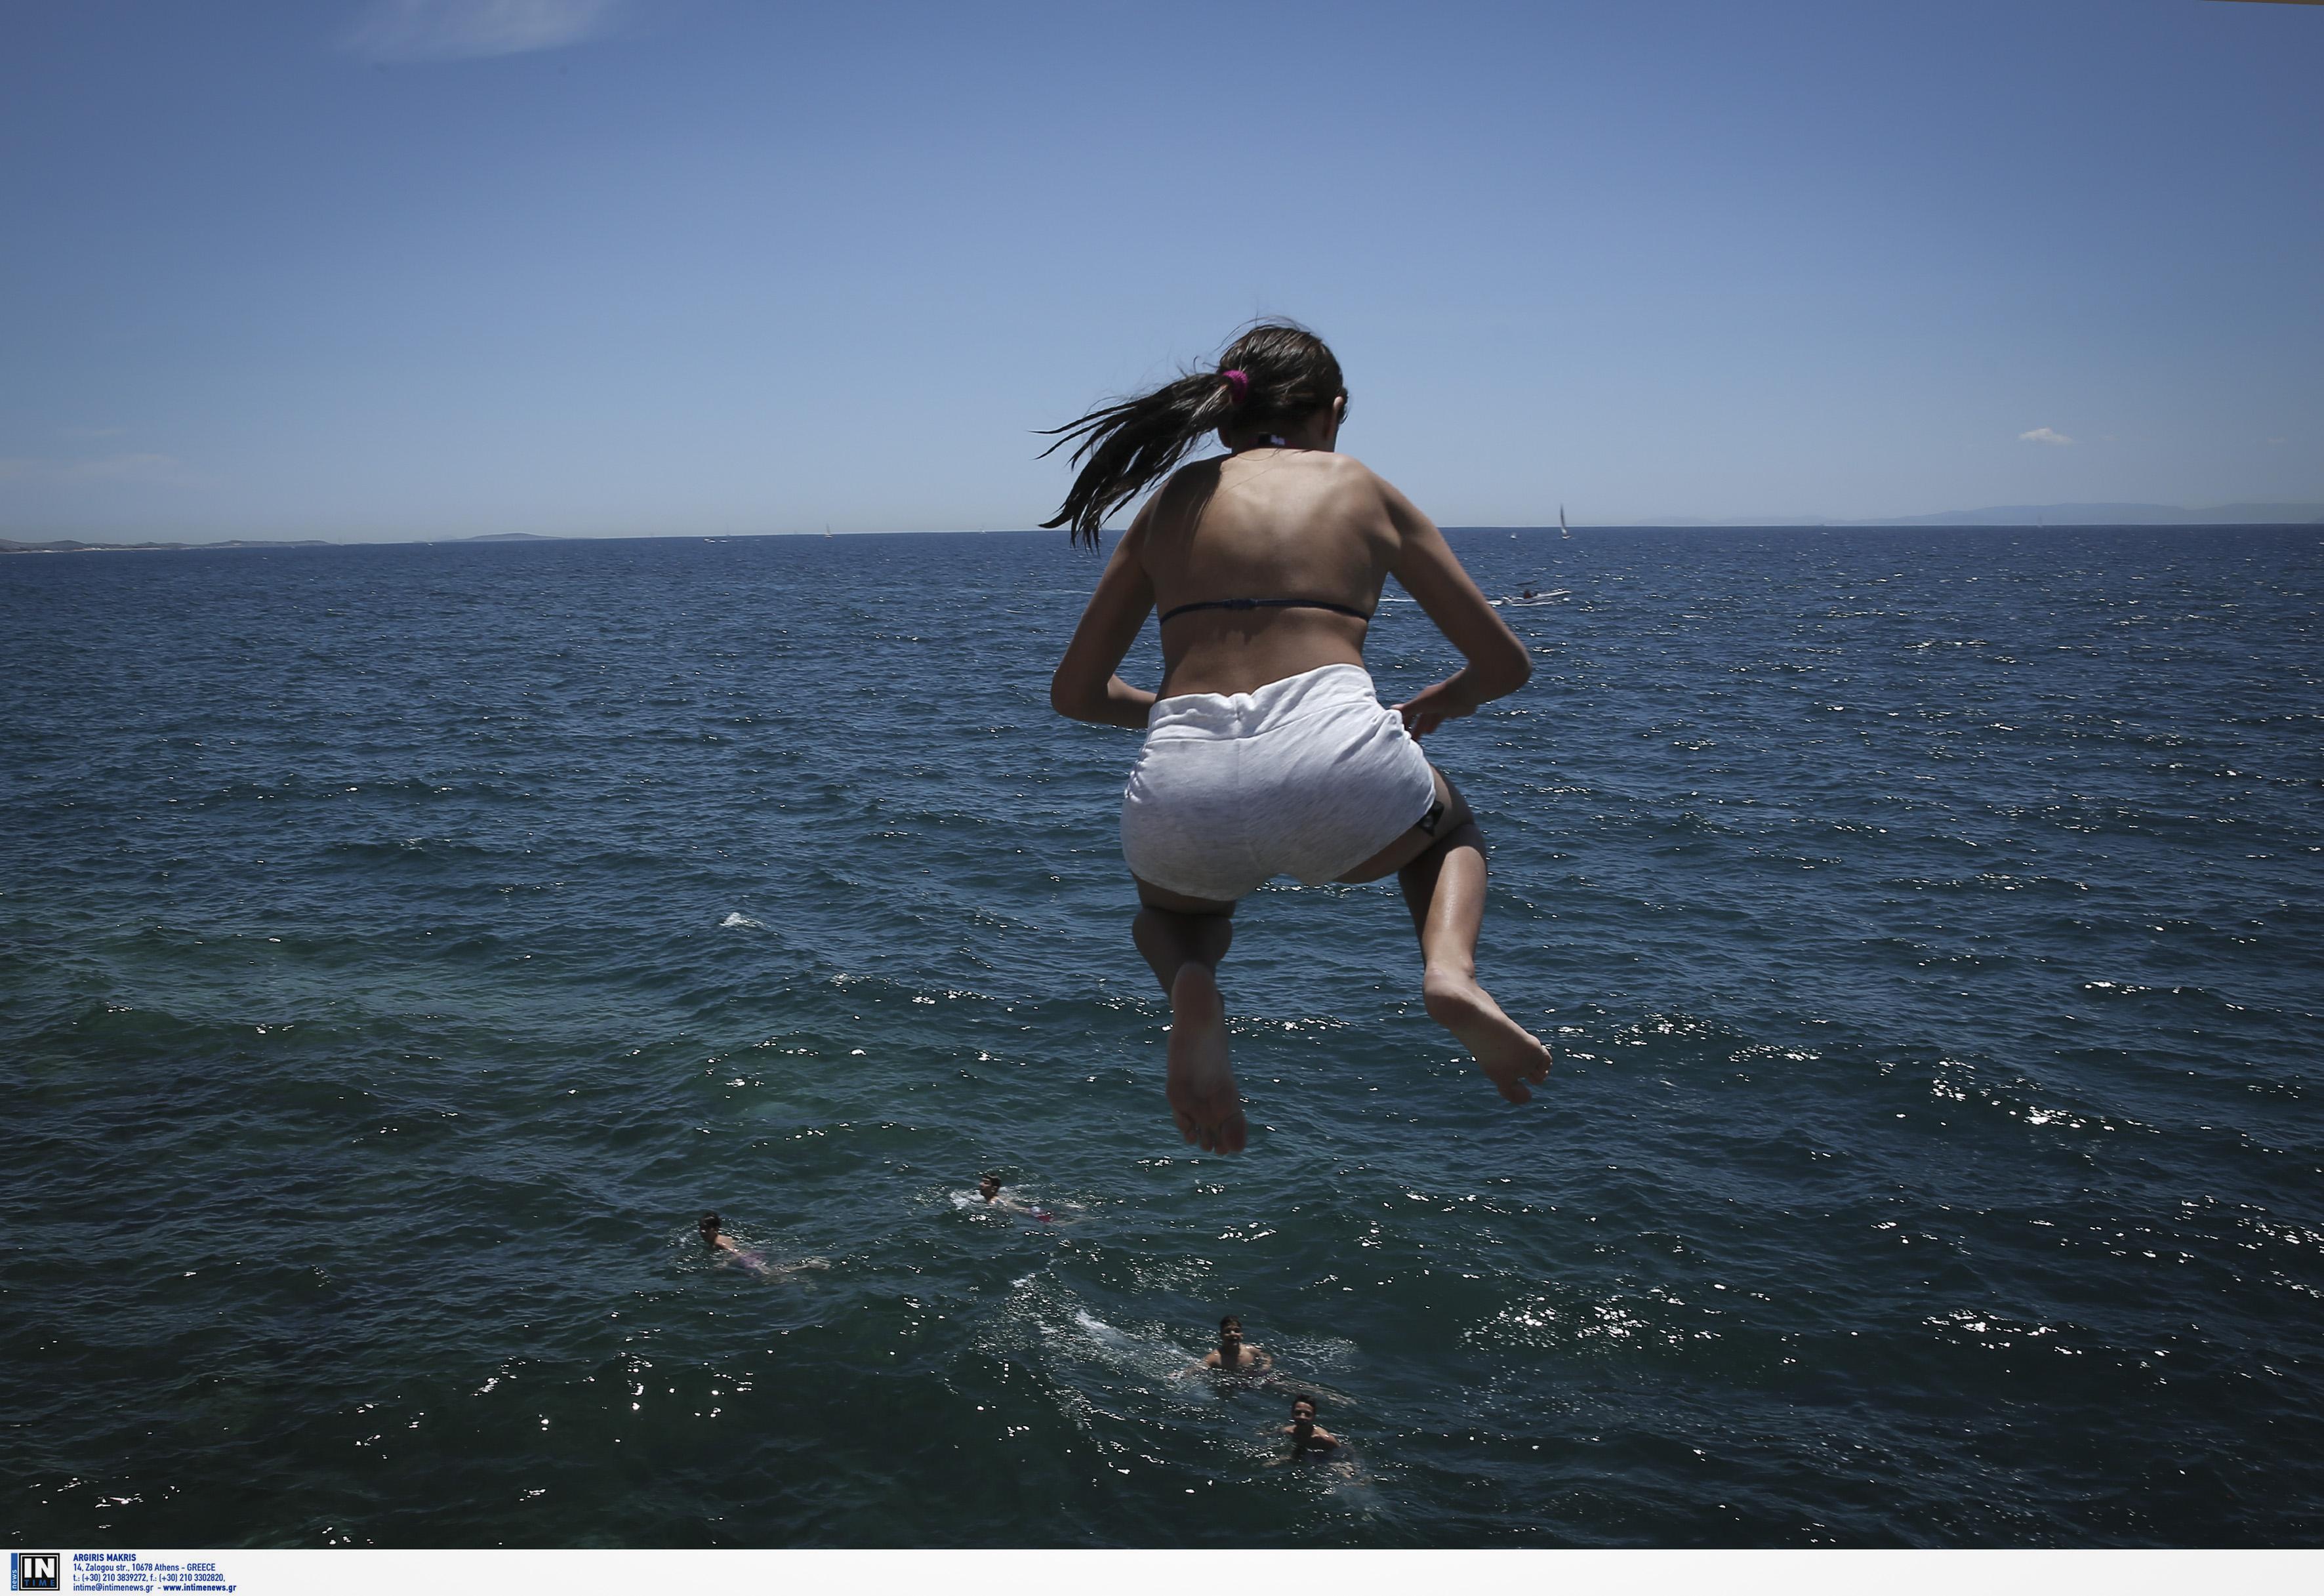 Αμοργός: Η βουτιά στη θάλασσα λίγο έλειψε να της στοιχίσει τη ζωή – Στο νοσοκομείο η 17χρονη!